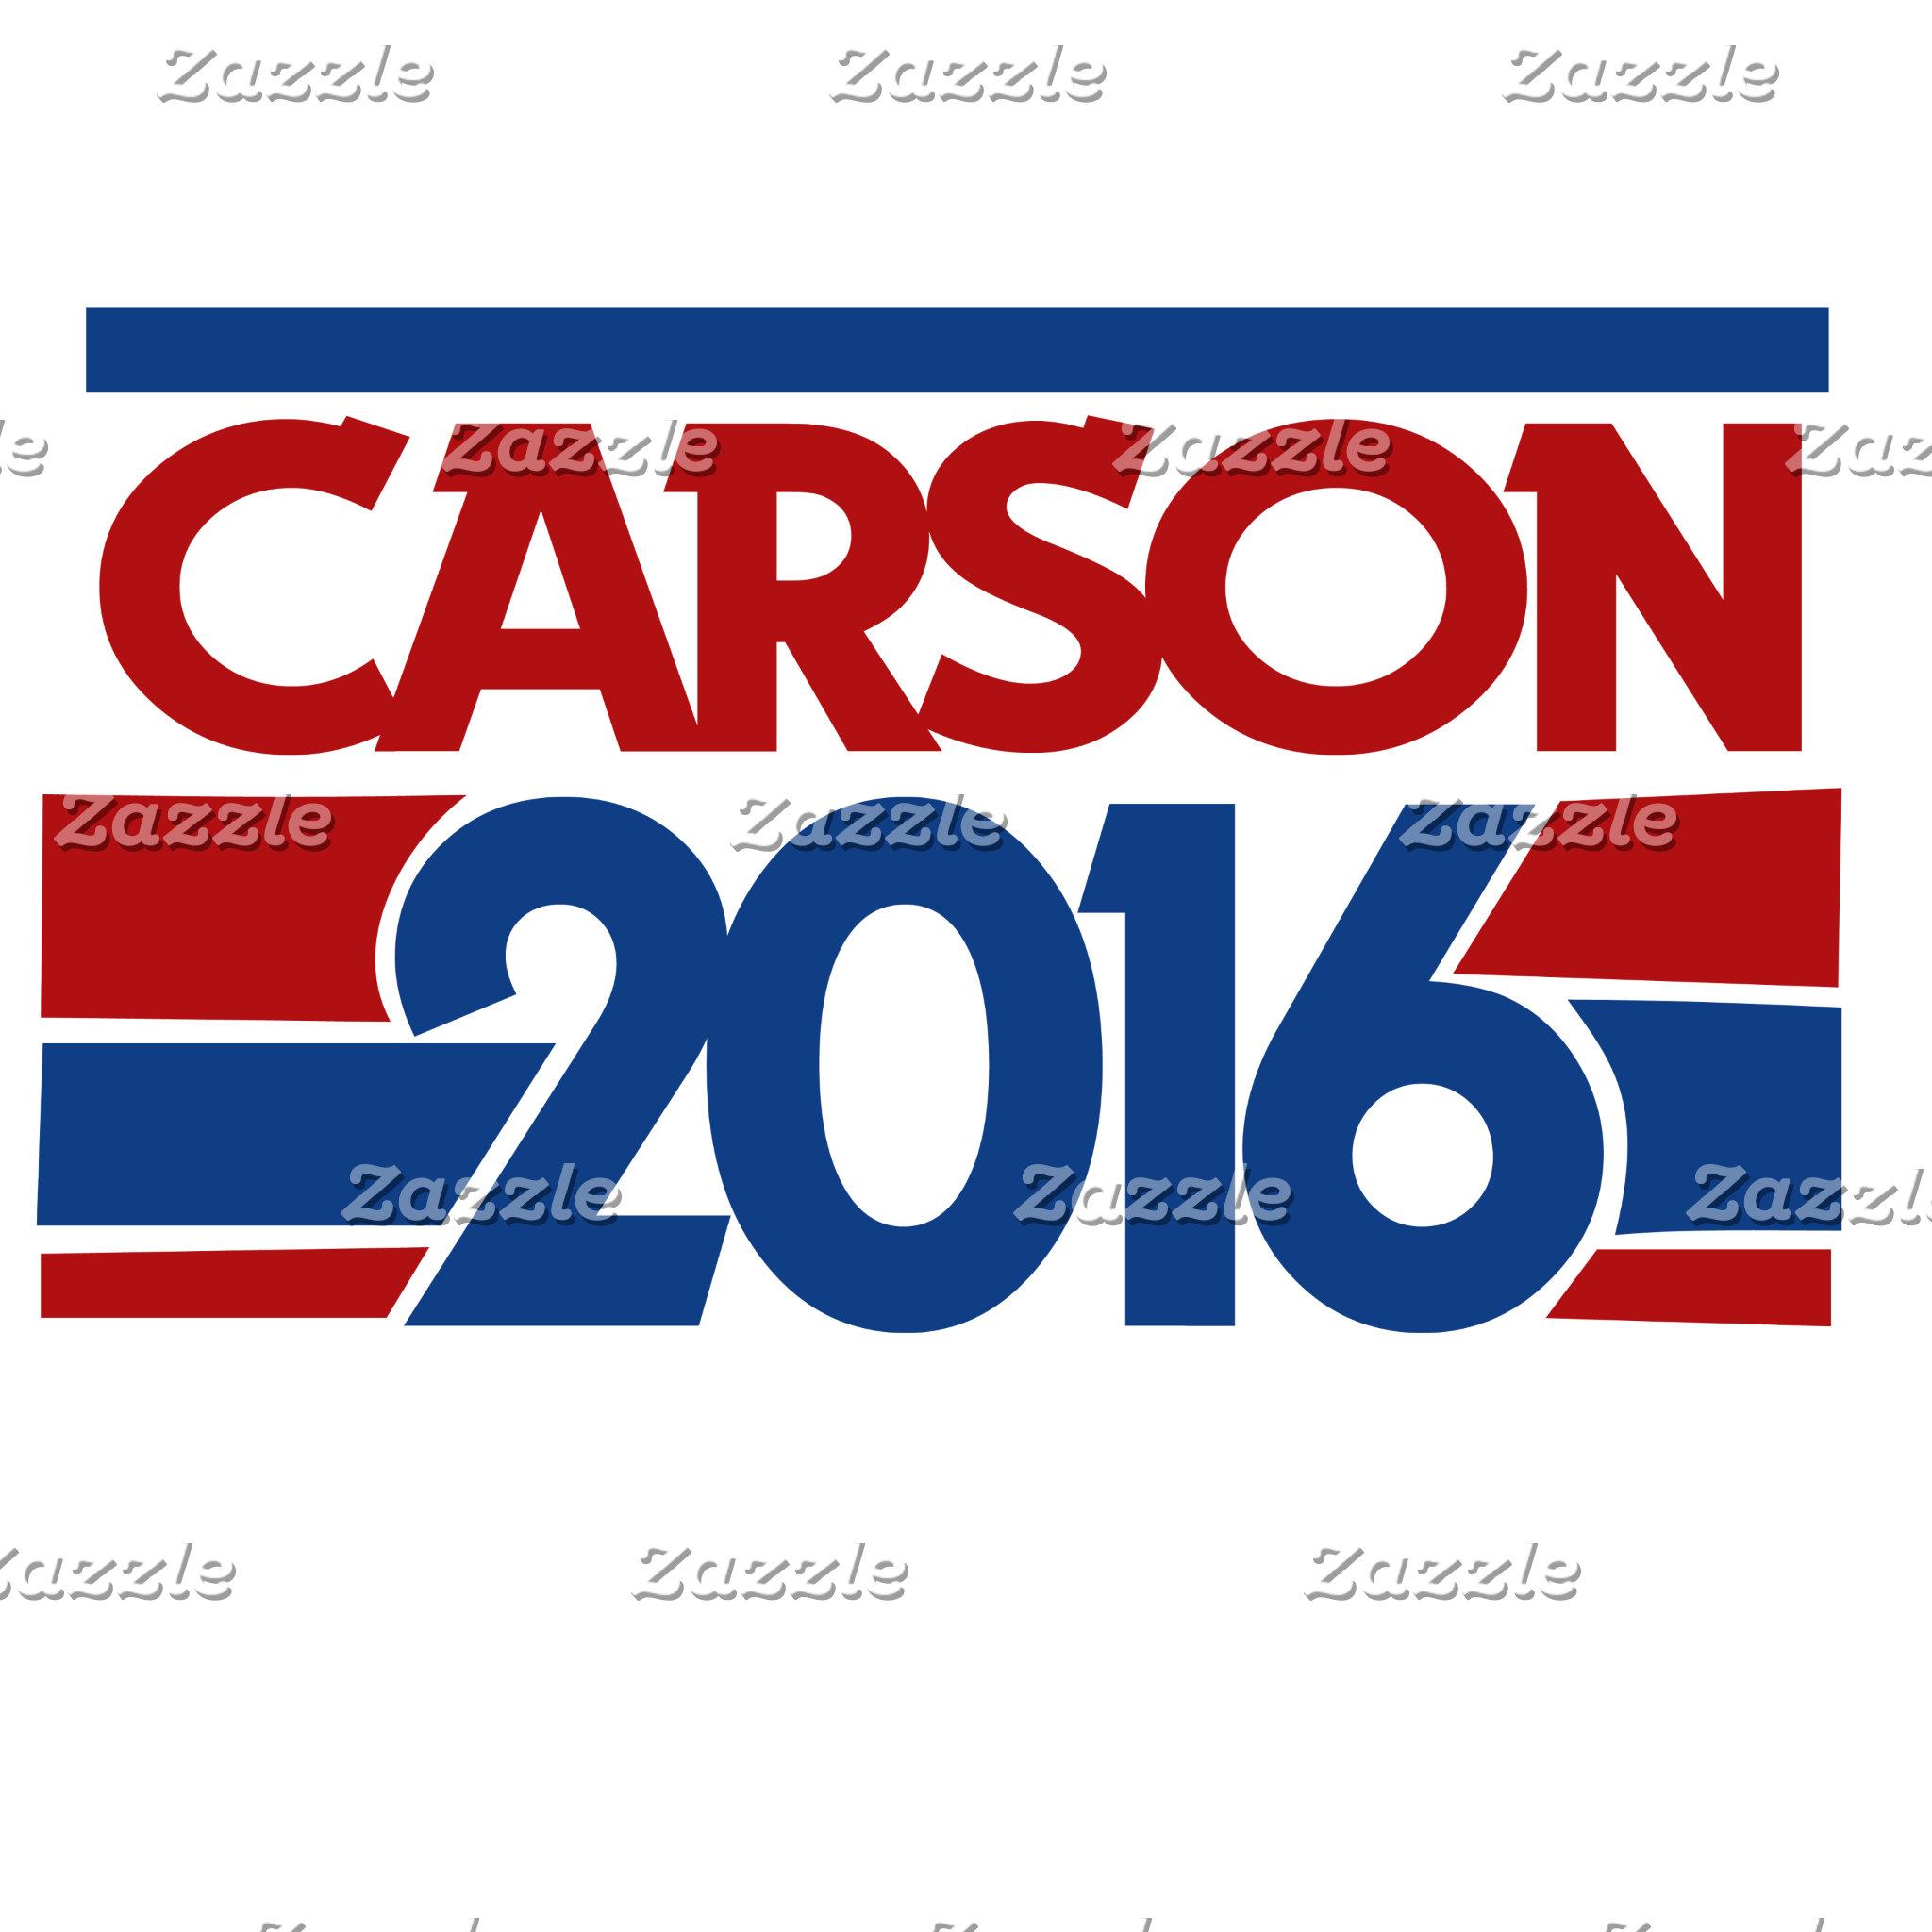 Ben Carson 2016